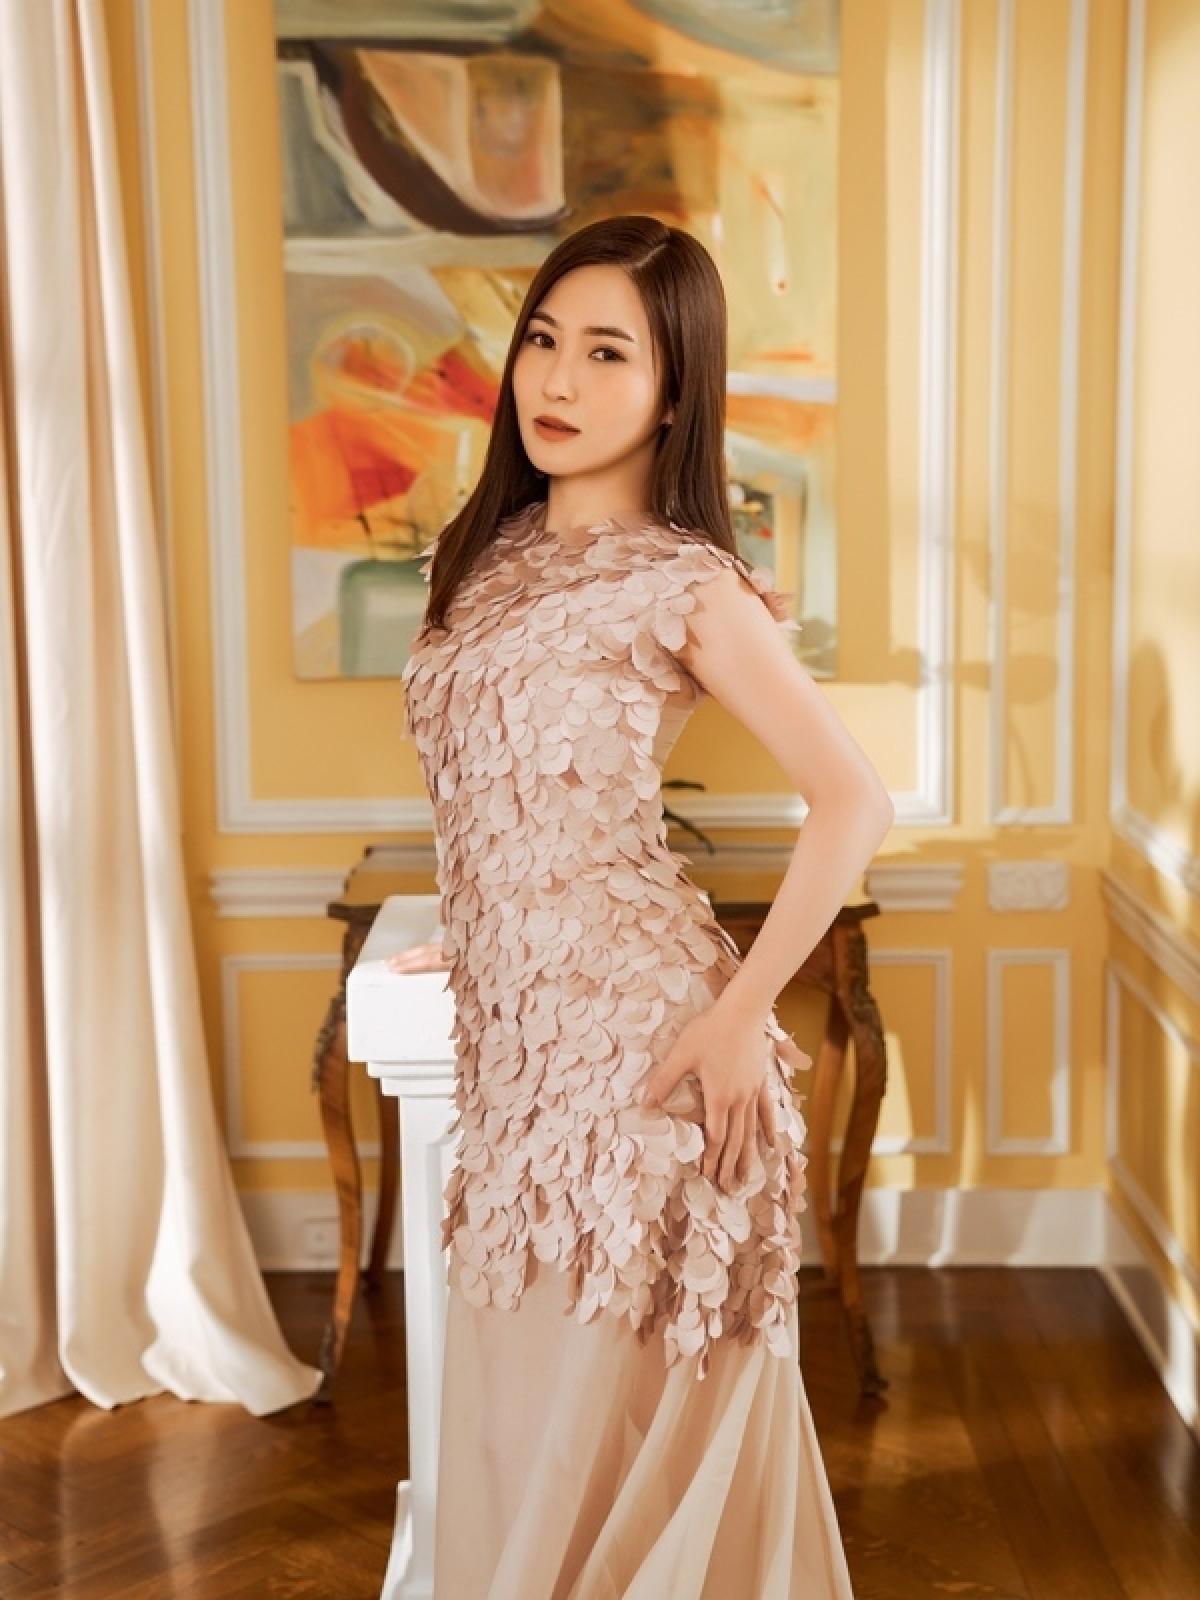 Hương Tràm trở lại âm nhạc với bài hát mới của Tú Dưa - Ảnh 1.